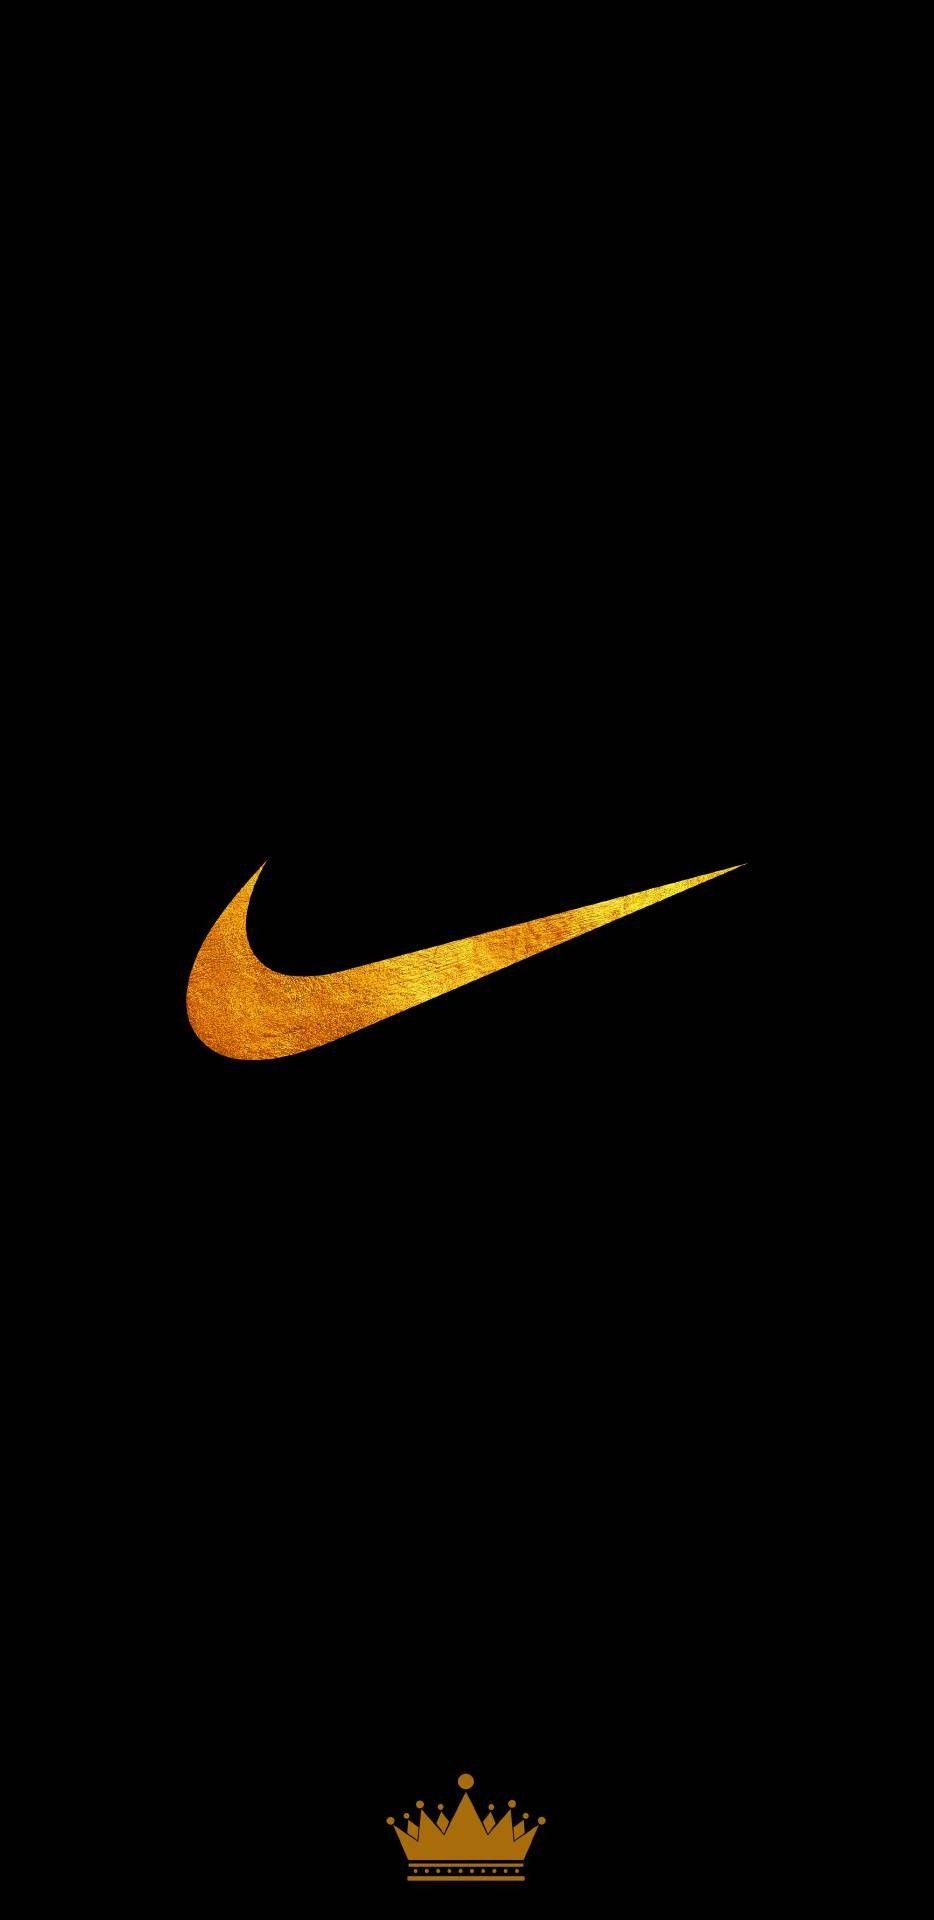 Pin De H Yuto Em Nike Adidas New Balance Papel De Parede Da Nike Papeis De Parede Para Iphone Papel De Parede Para Telefone